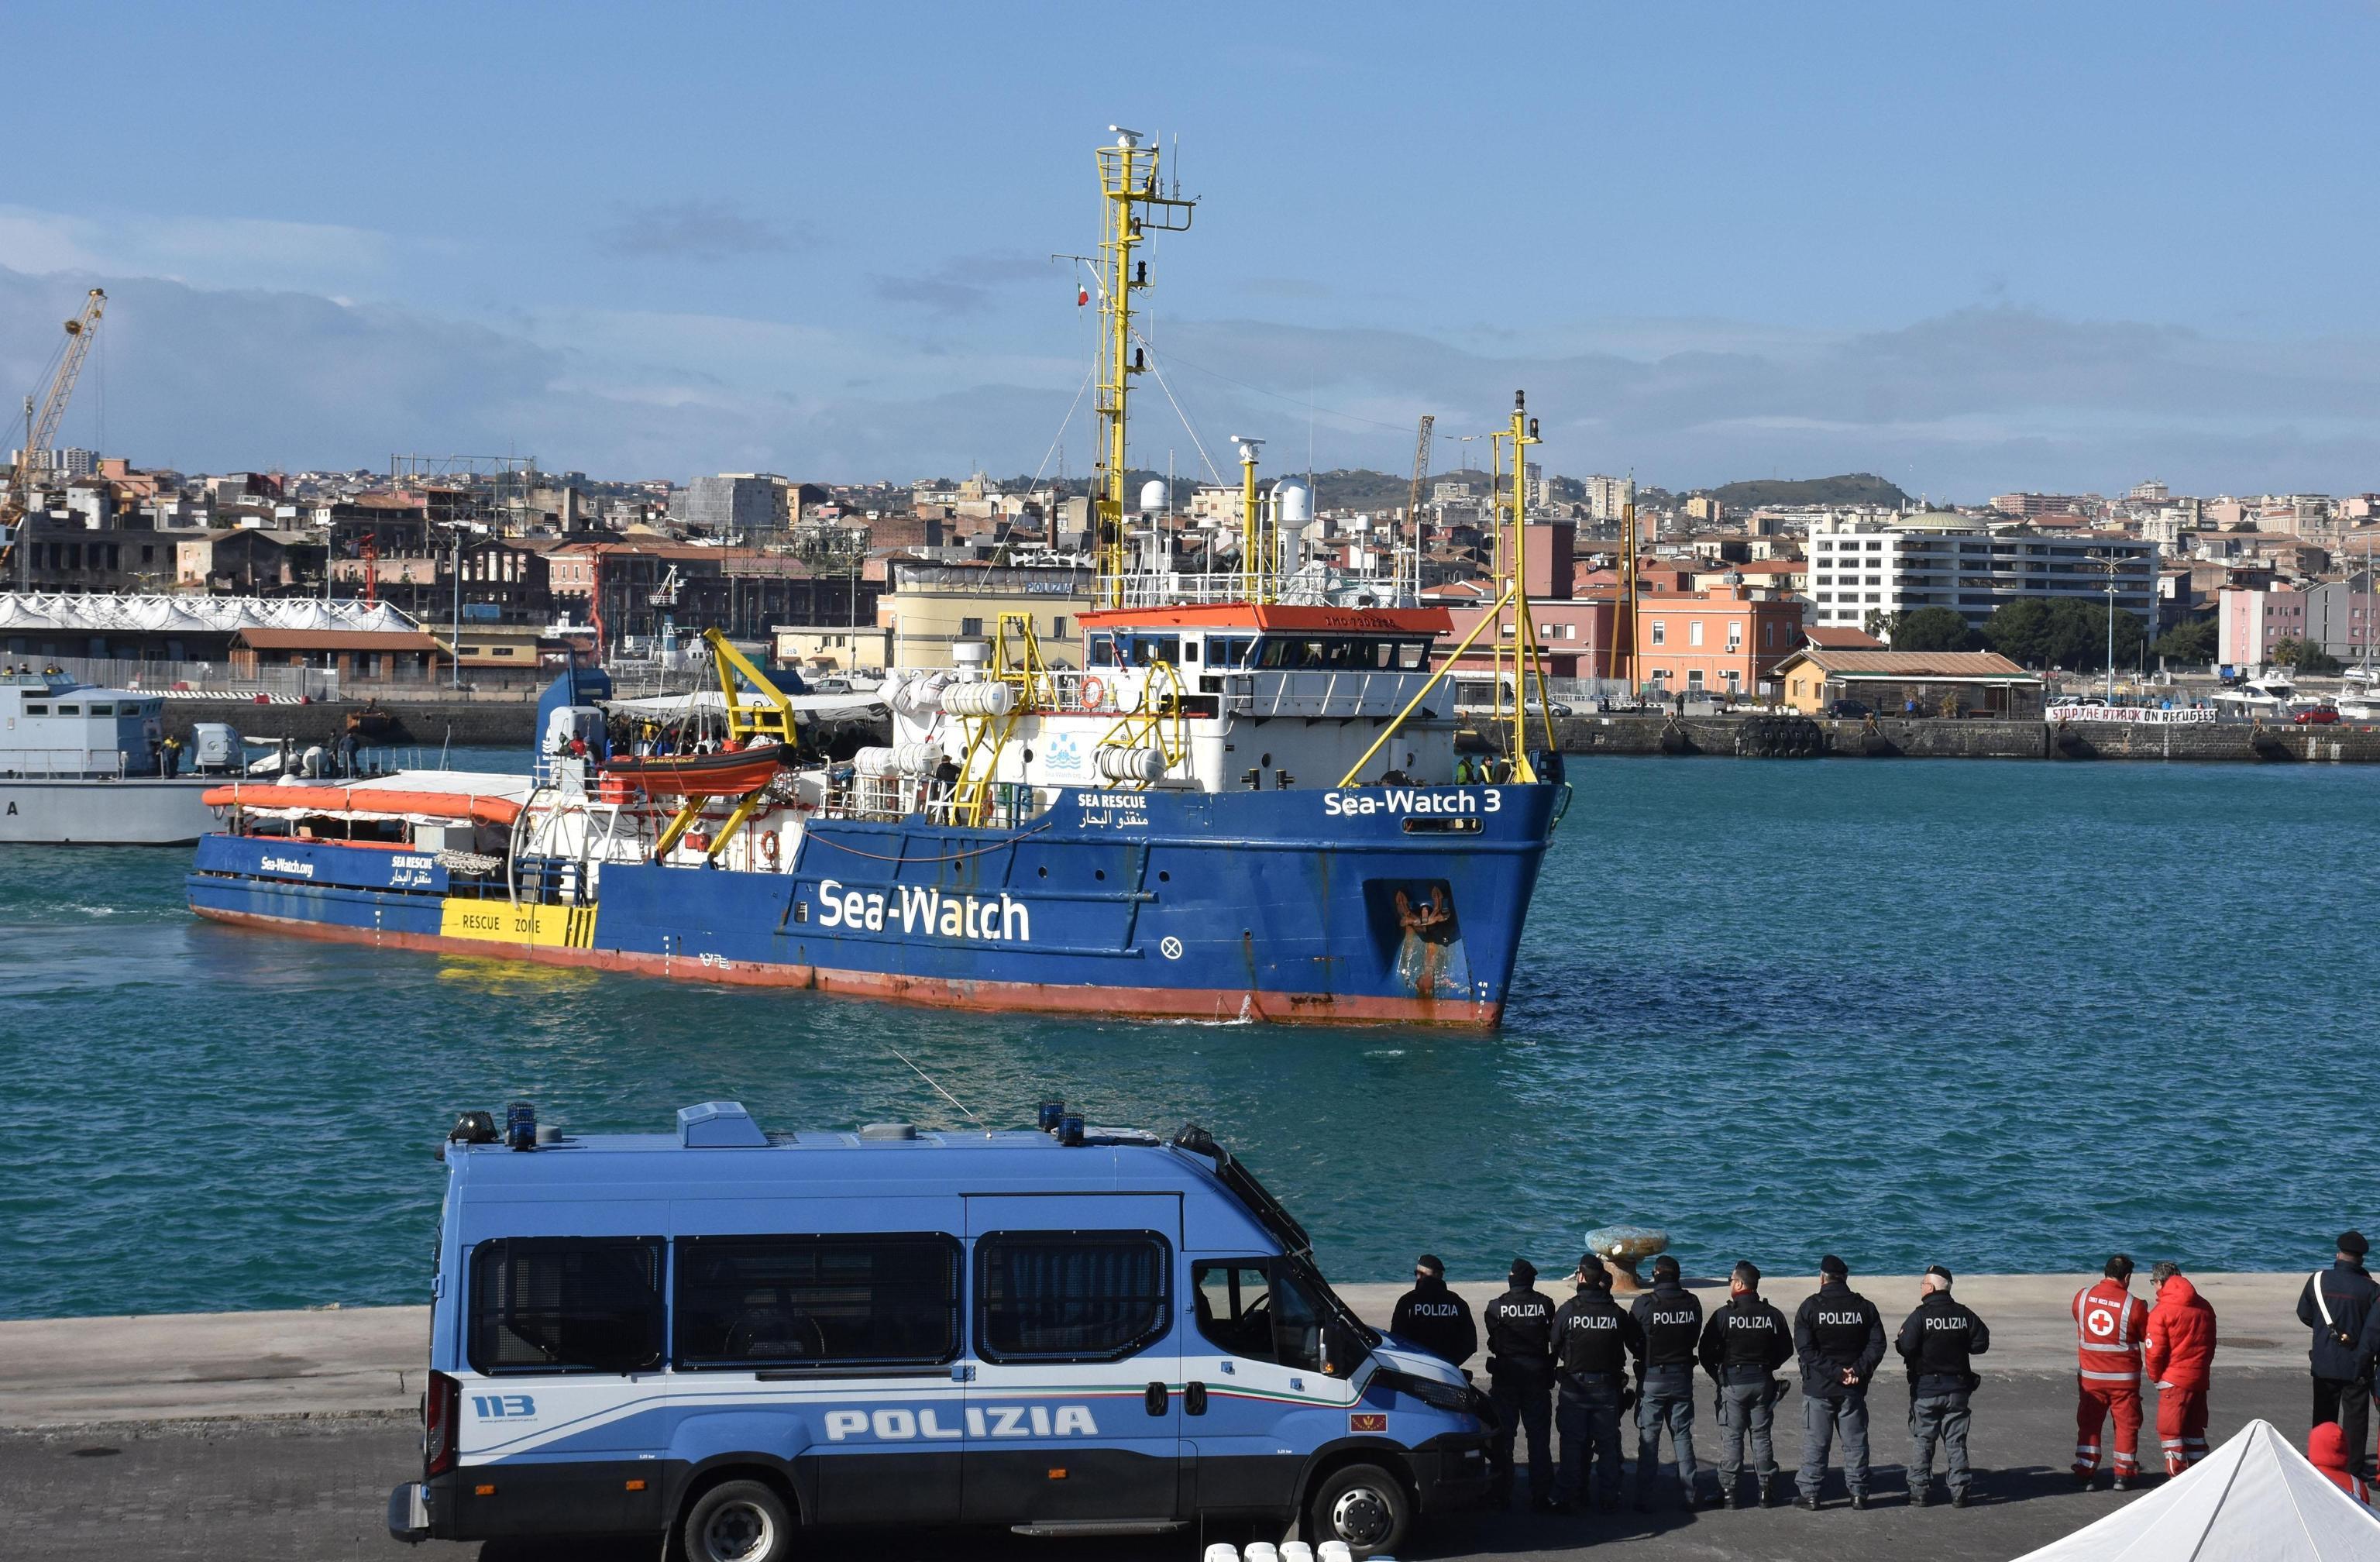 La nave sbarca a Catania dopo dodici giorni in mare, cinque dei quali passati in rada a Siracusa